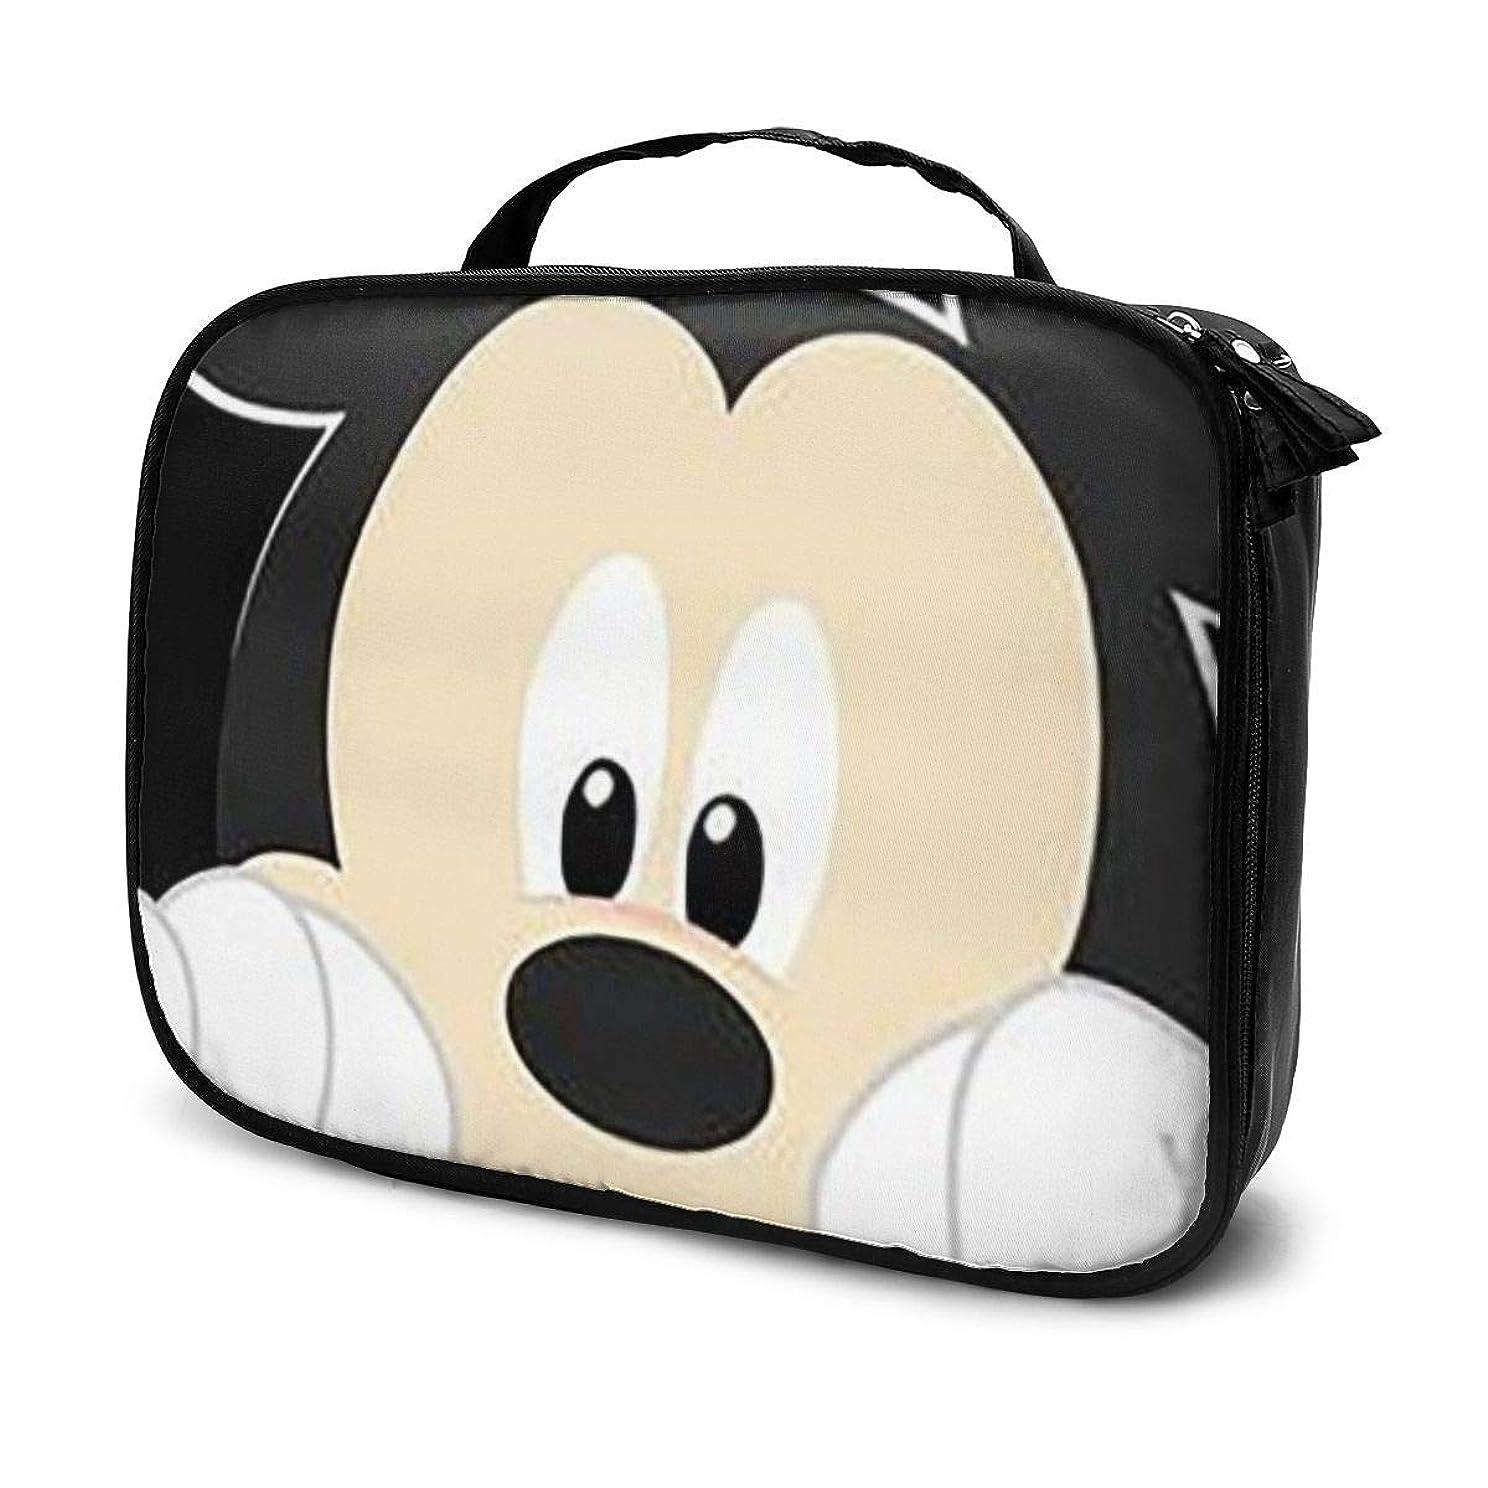 不誠実作曲するヘッドレスDaituペリーミッキーマウス 化粧品袋の女性旅行バッグ収納大容量防水アクセサリー旅行